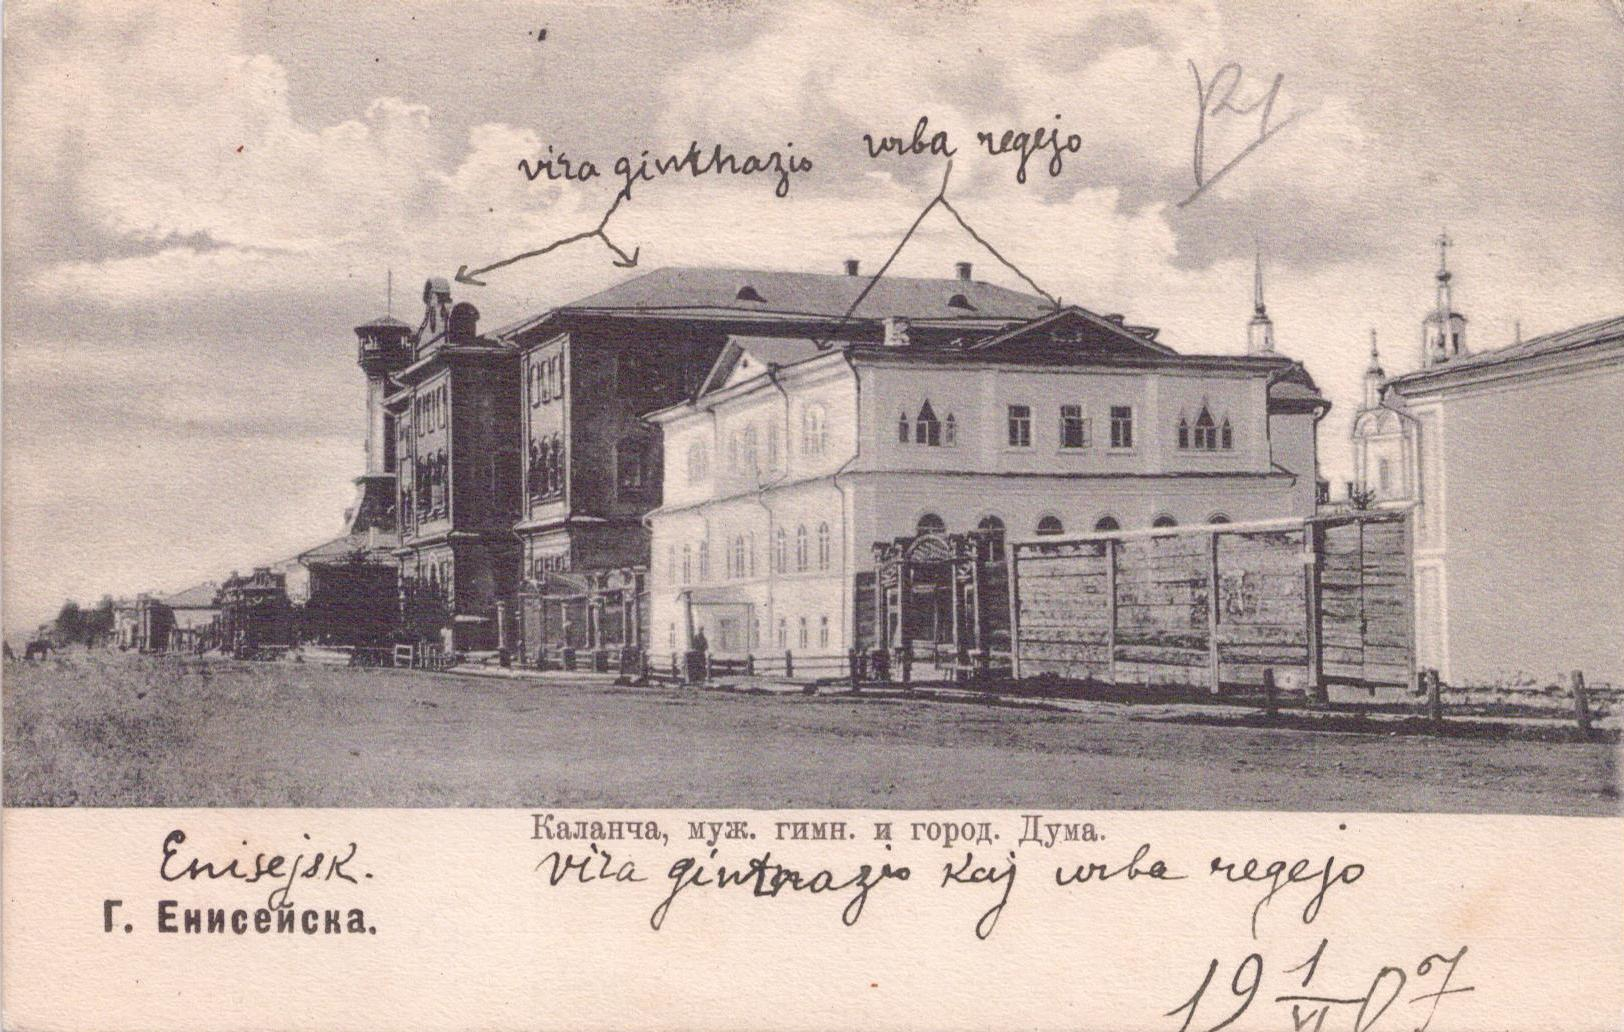 Каланча, мужская гимназия и городская Дума